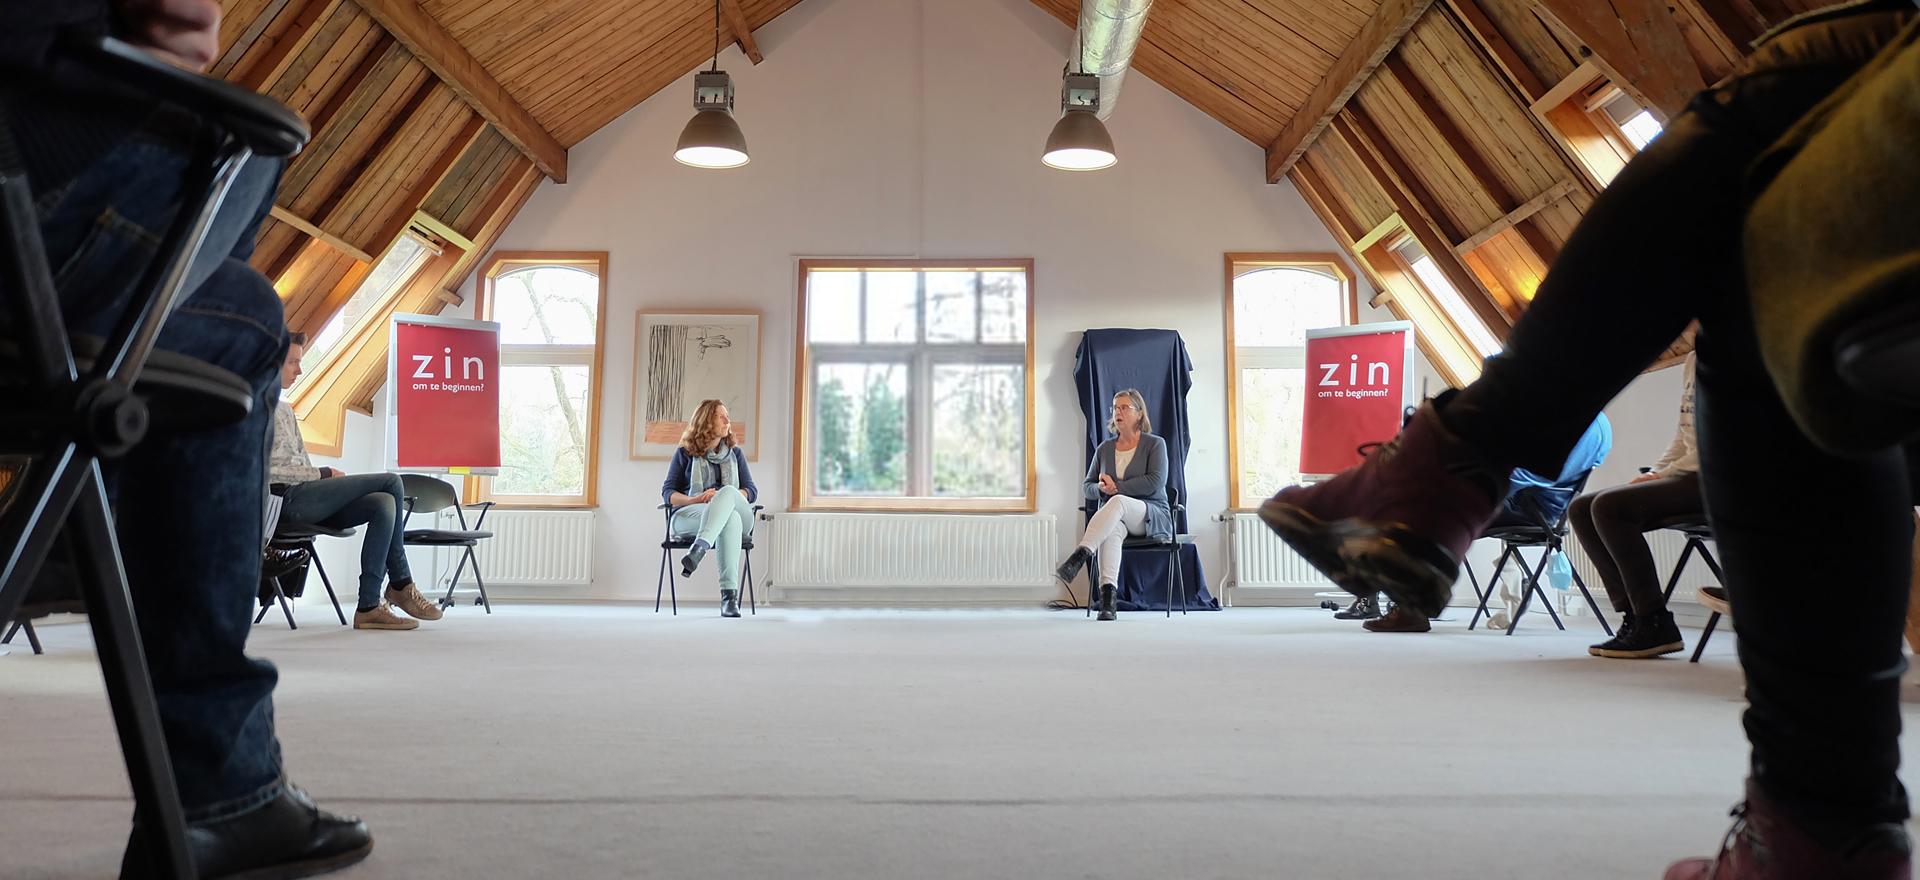 Kloosterhotel ZIN Bovenkamer kring samekoming training ZIN in Werk